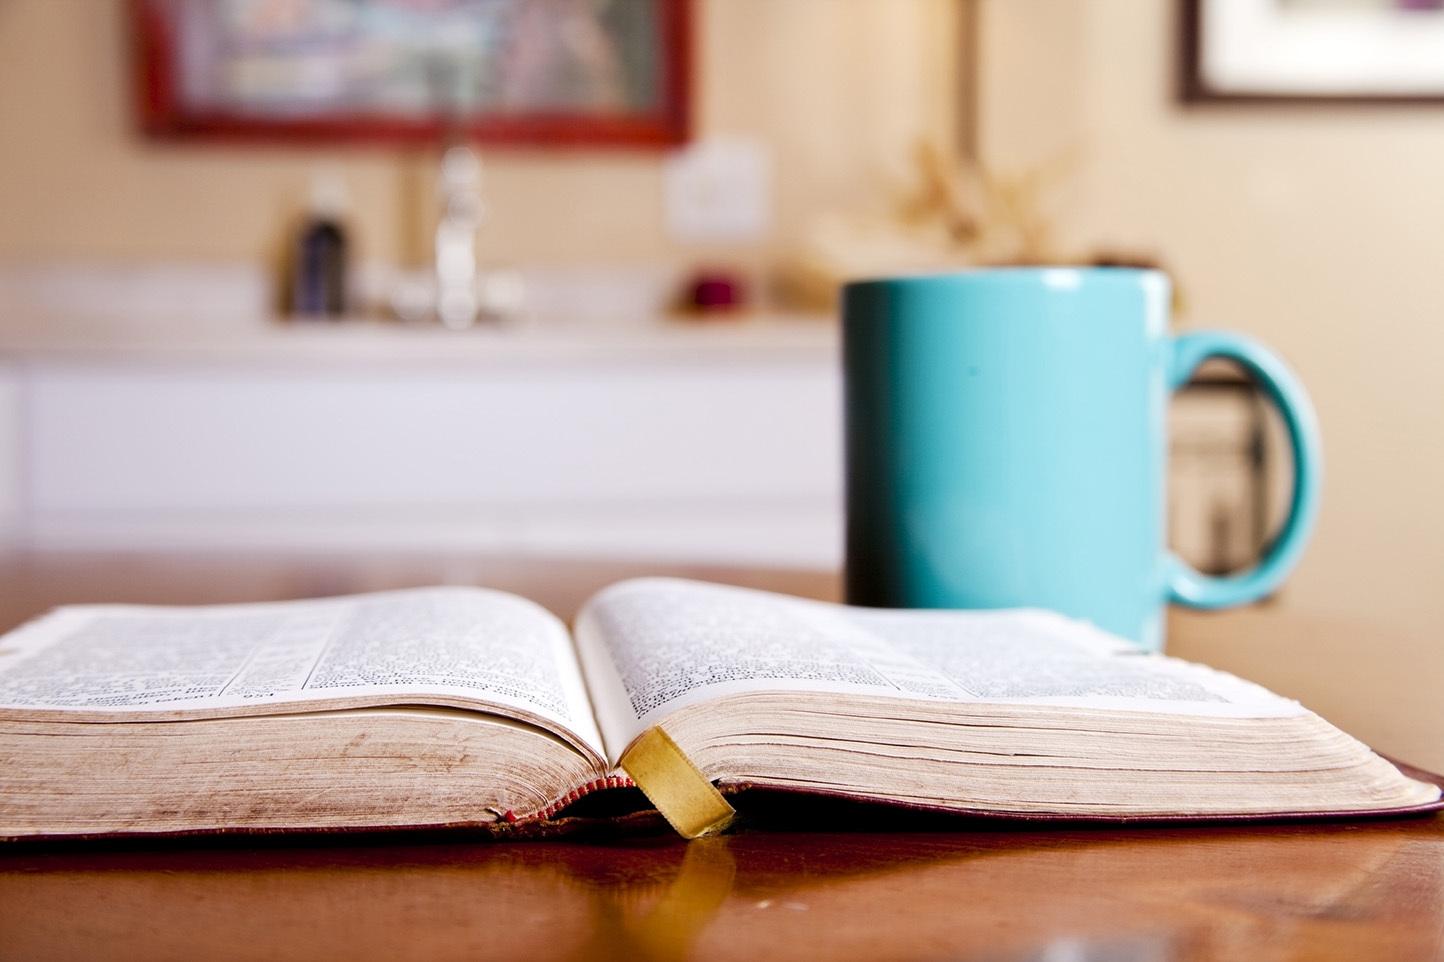 Biblechariswebsitefaith lowres